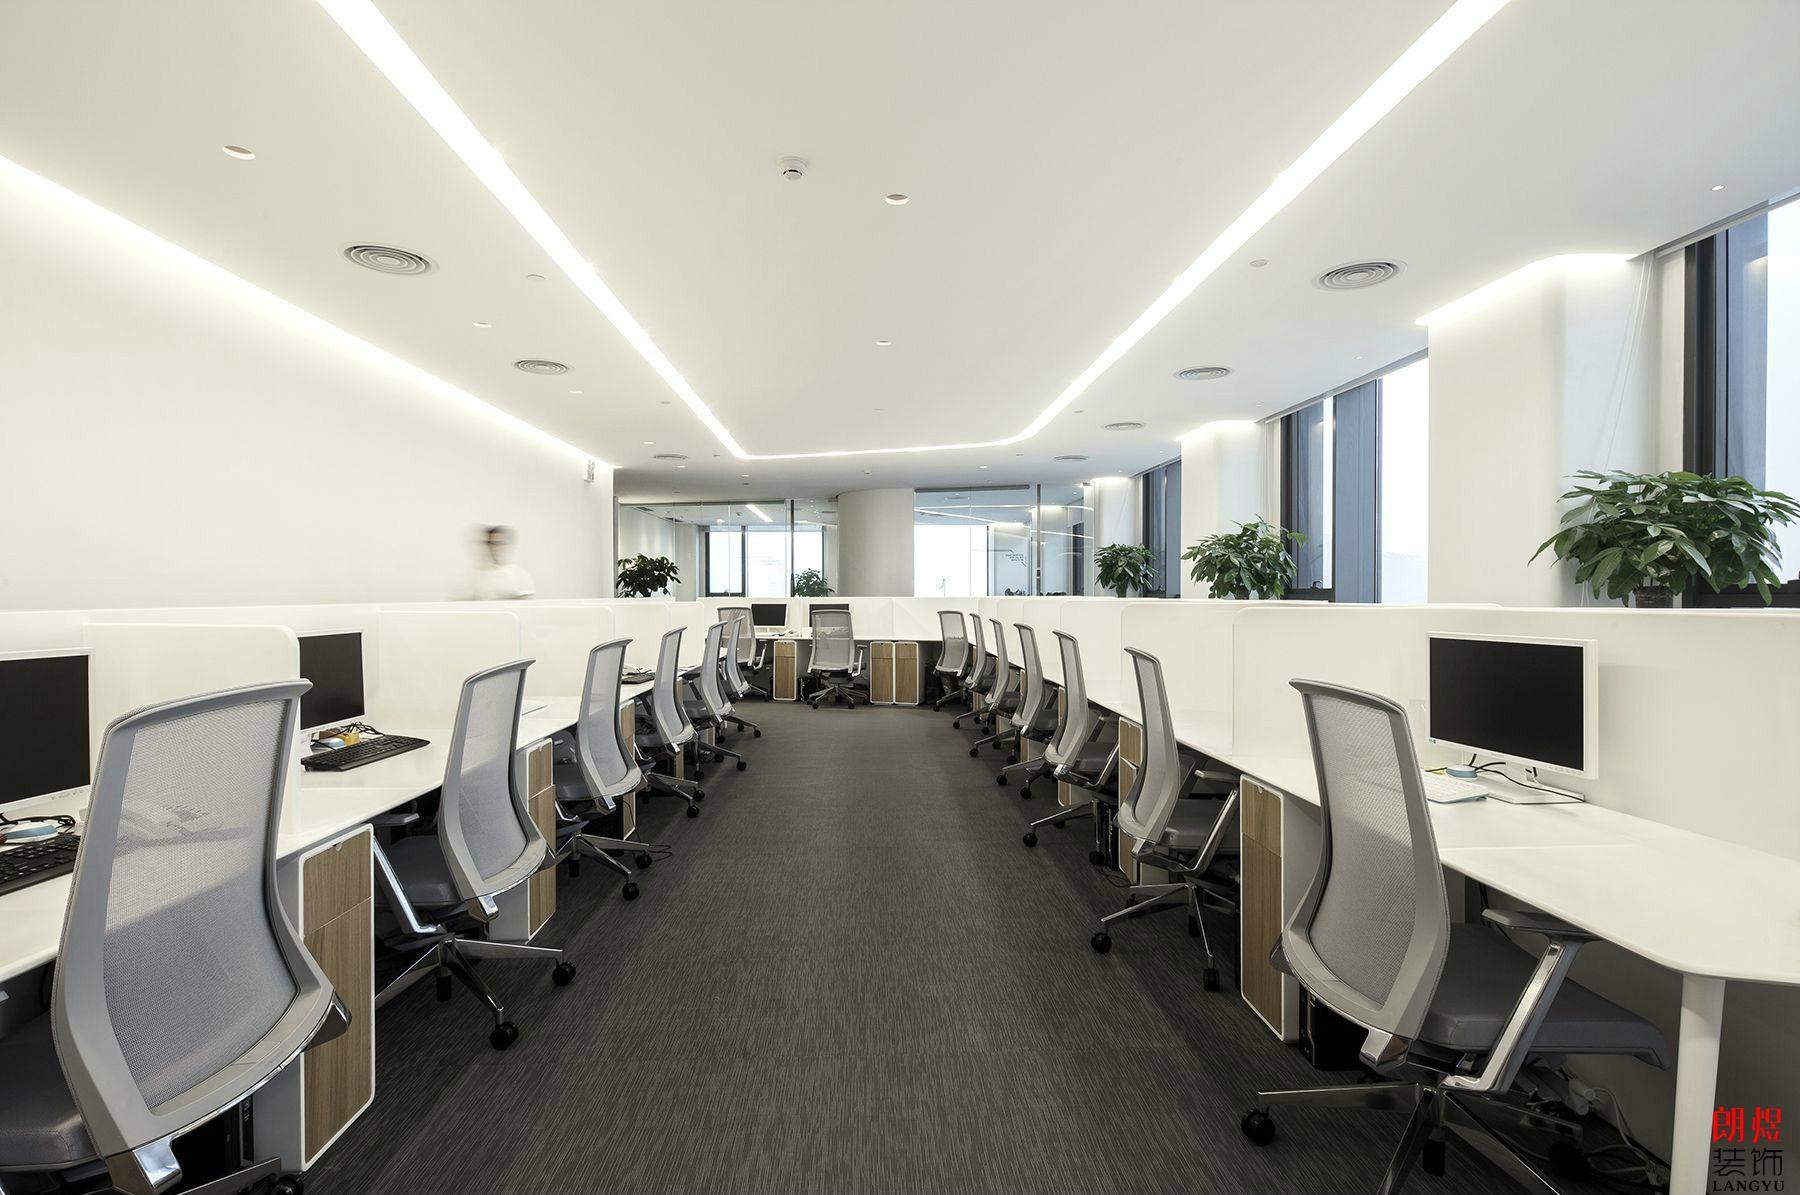 办公室装修设计找设计师还是找公装公司好